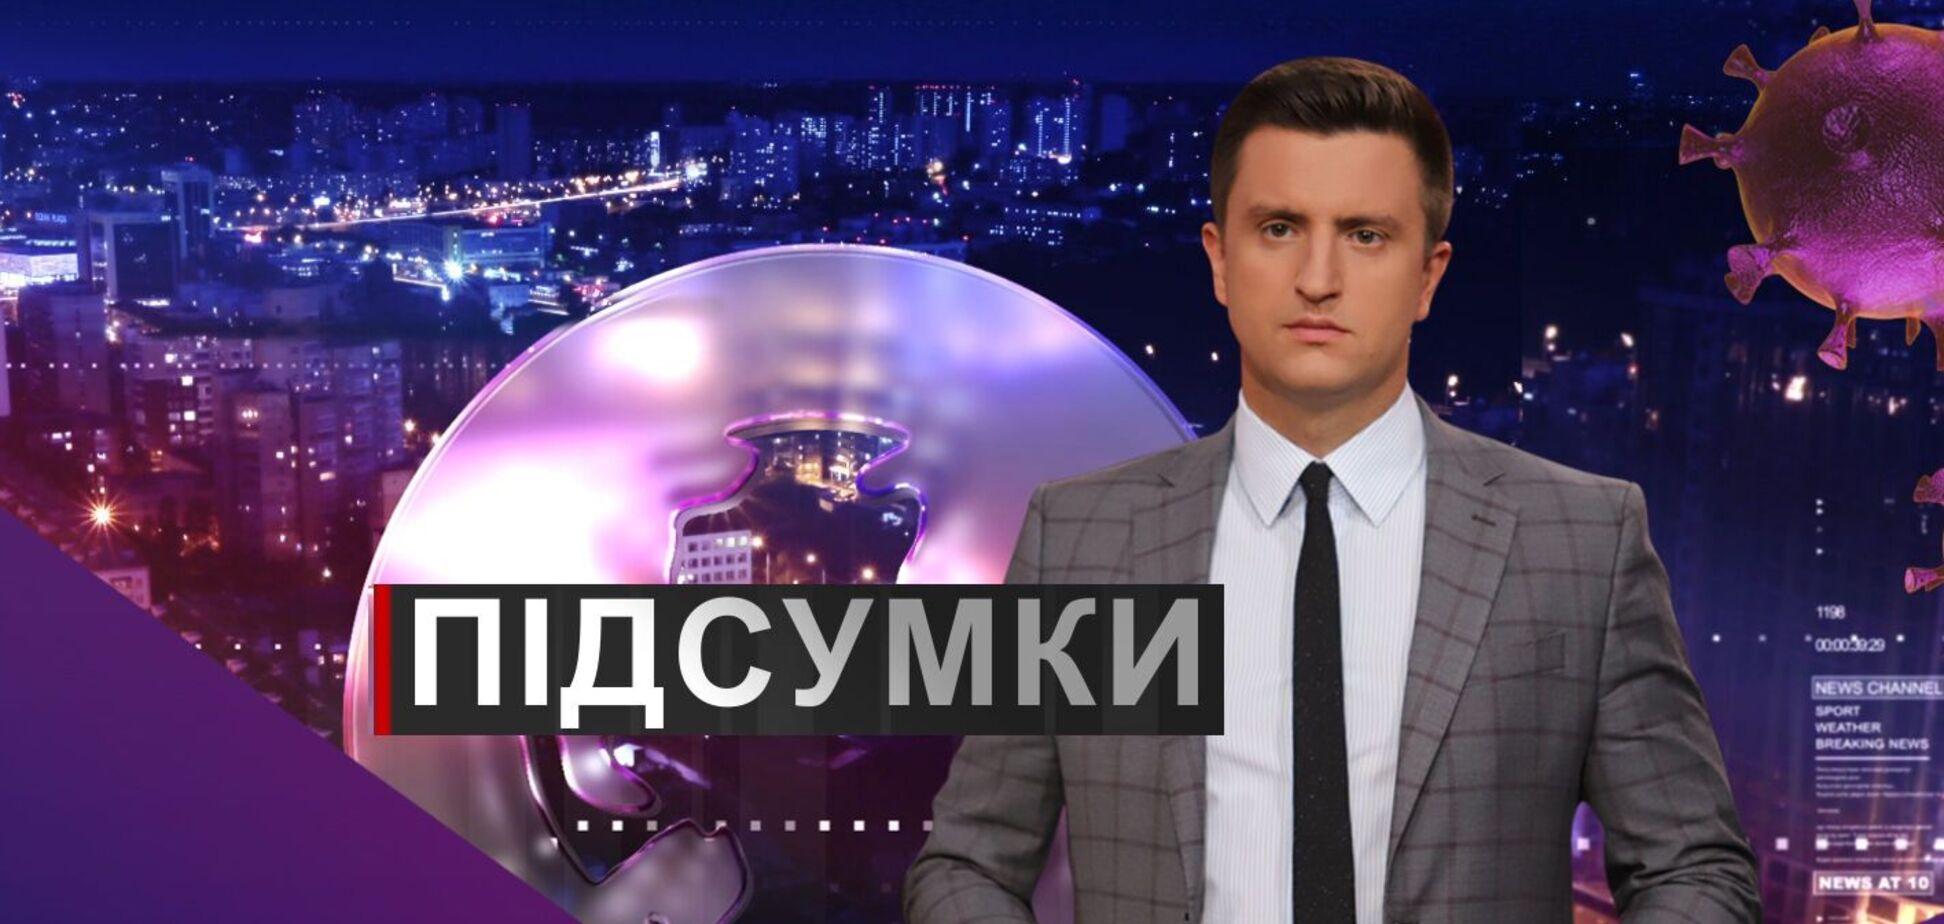 Підсумки дня з Вадимом Колодійчуком. Вівторок, 29 вересня